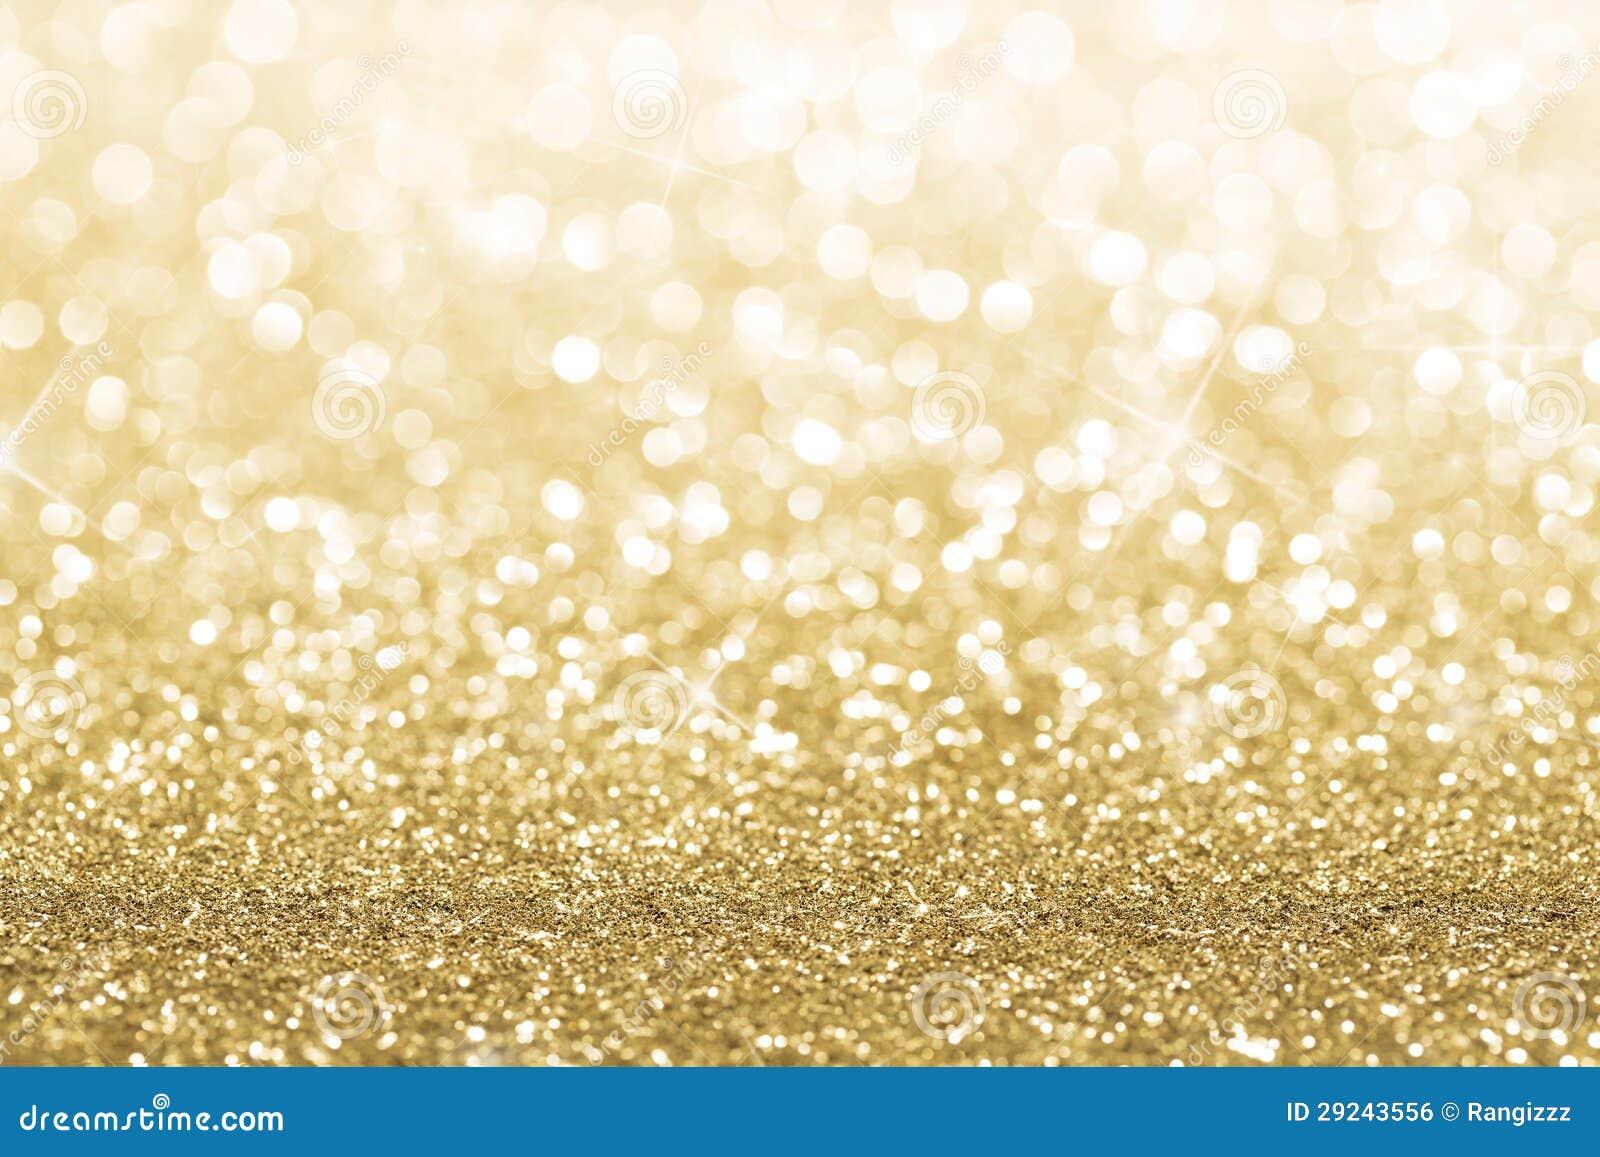 Download Fundo do ouro foto de stock. Imagem de dreamy, borrão - 29243556